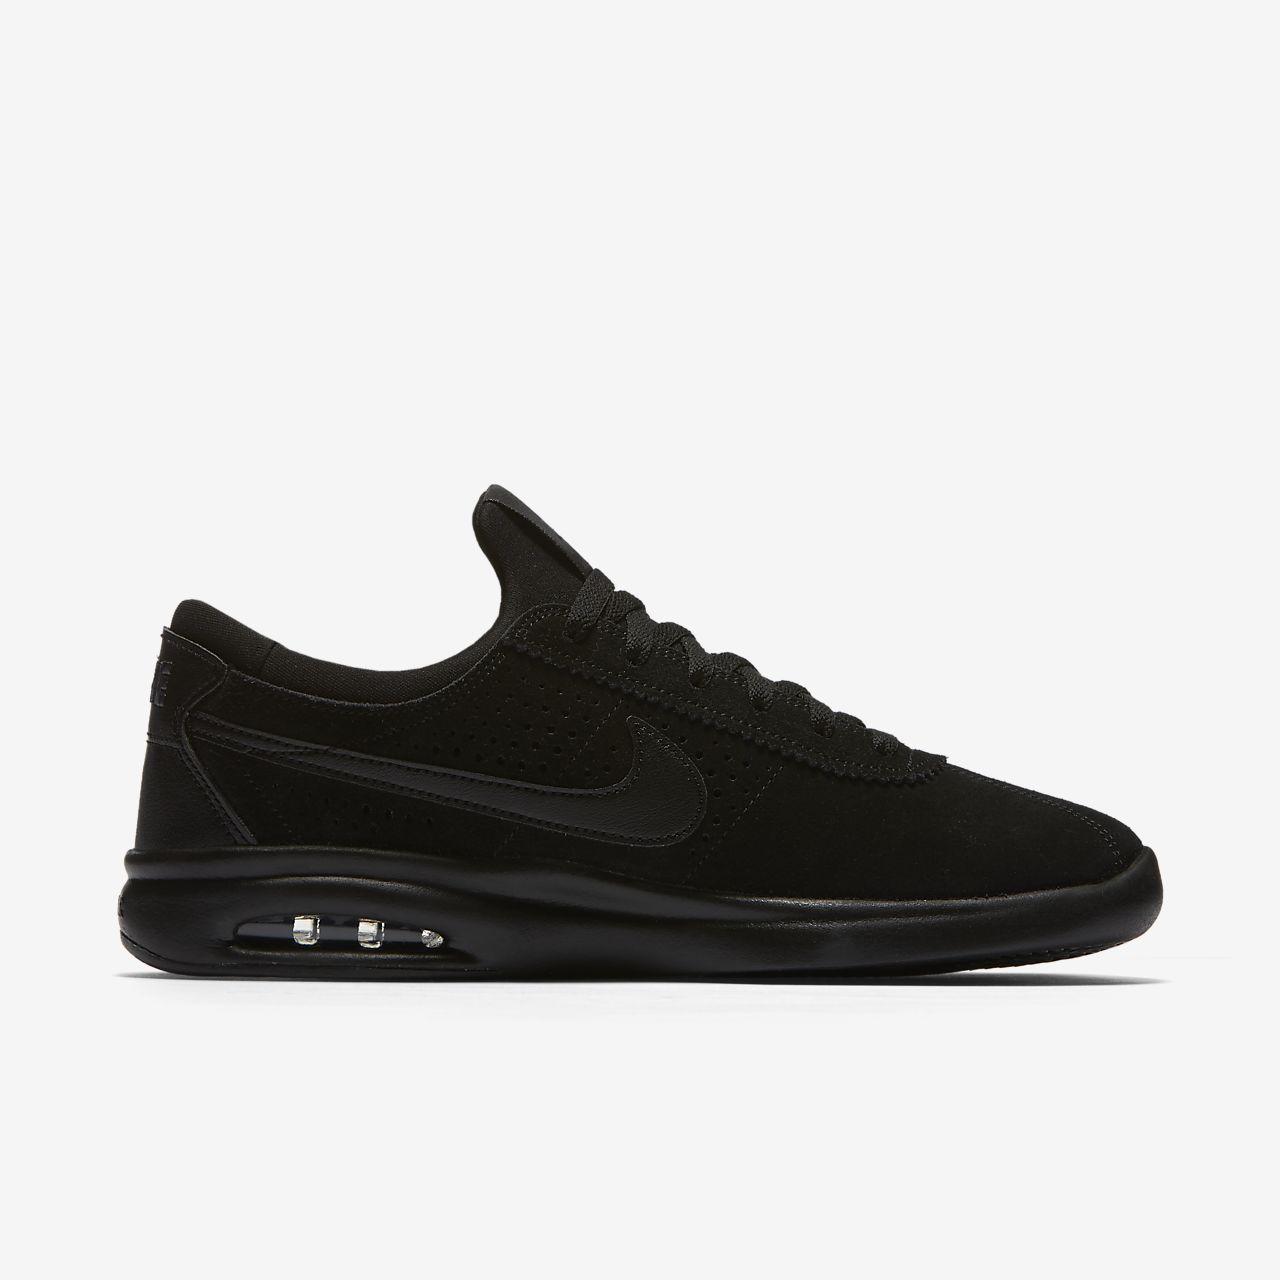 ... Nike SB Air Max Bruin Vapor férfi gördeszkás cipő